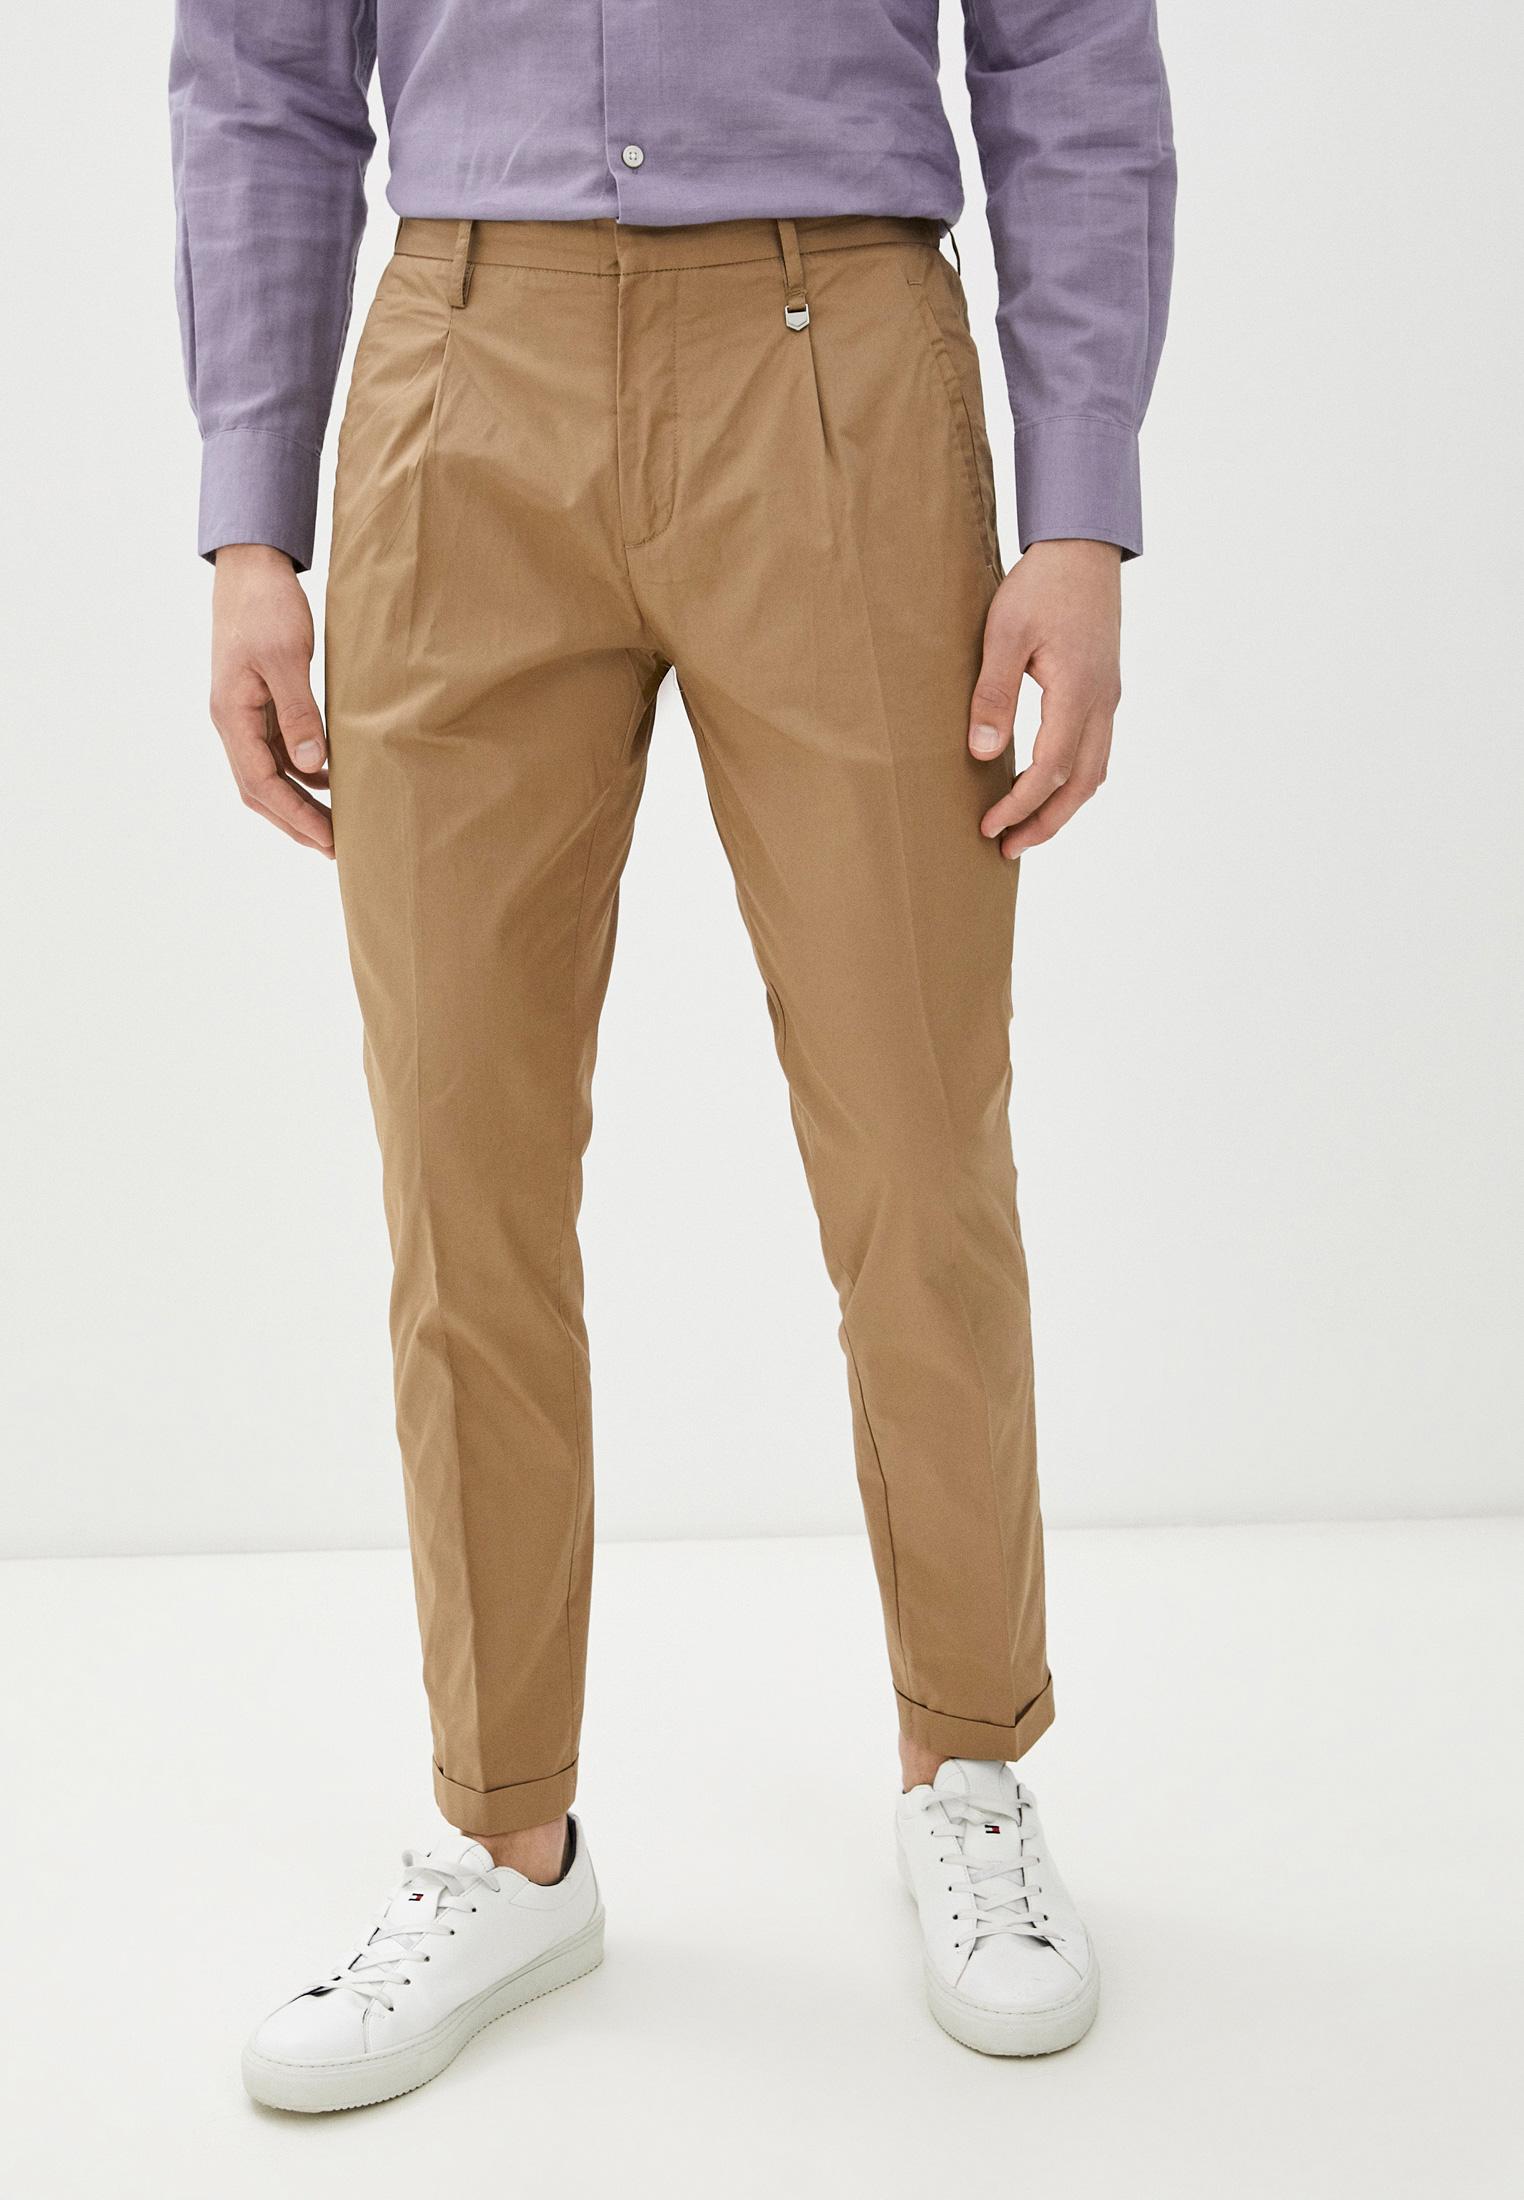 Мужские повседневные брюки Antony Morato Брюки Antony Morato